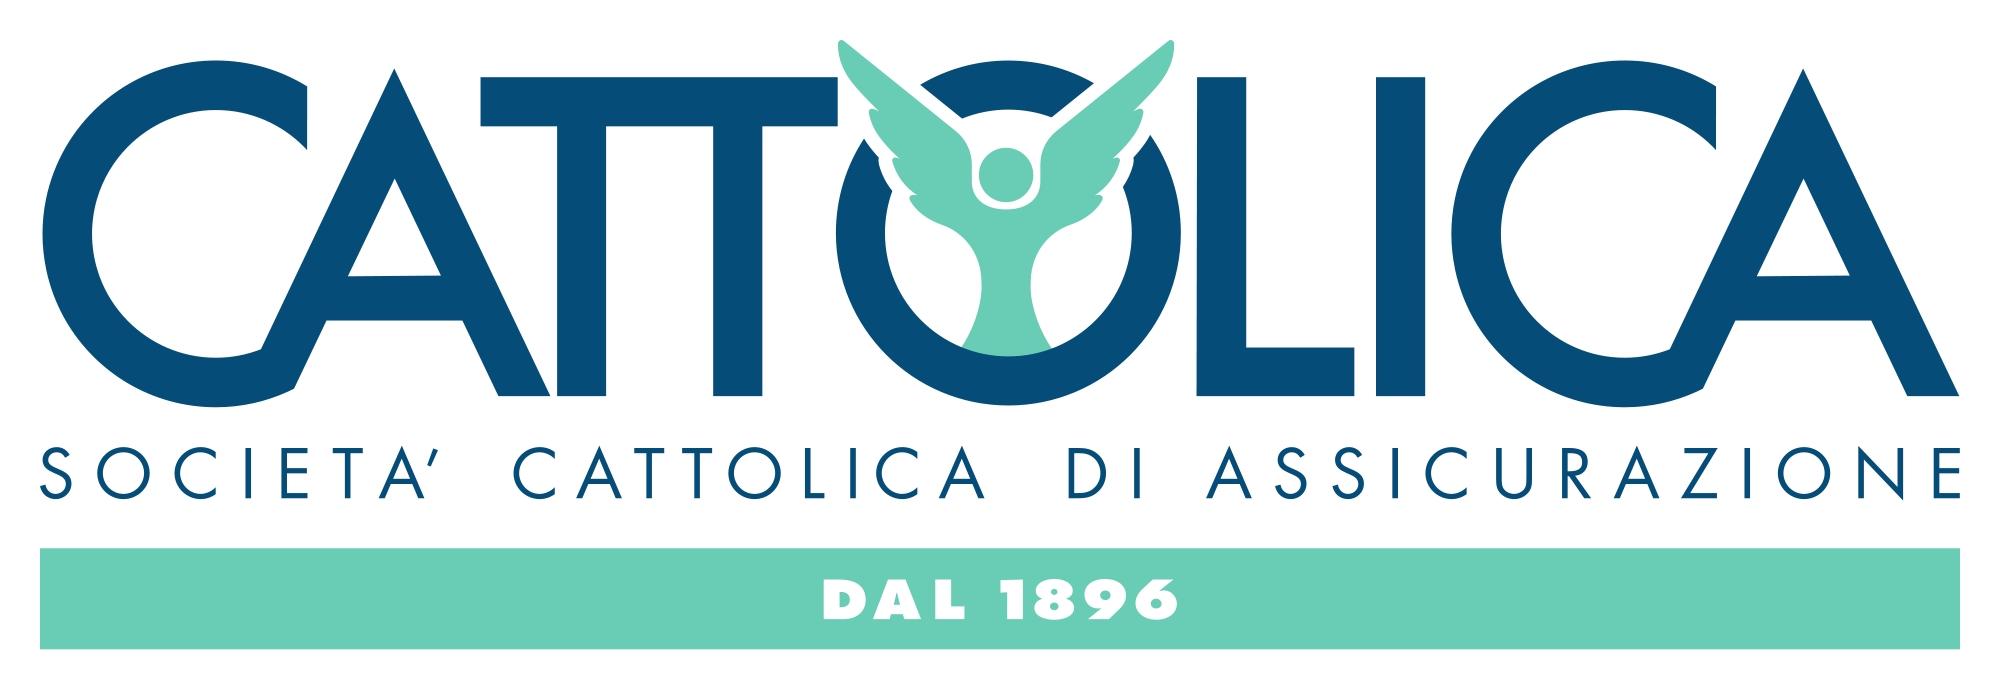 siti incontri online labels Piacenza